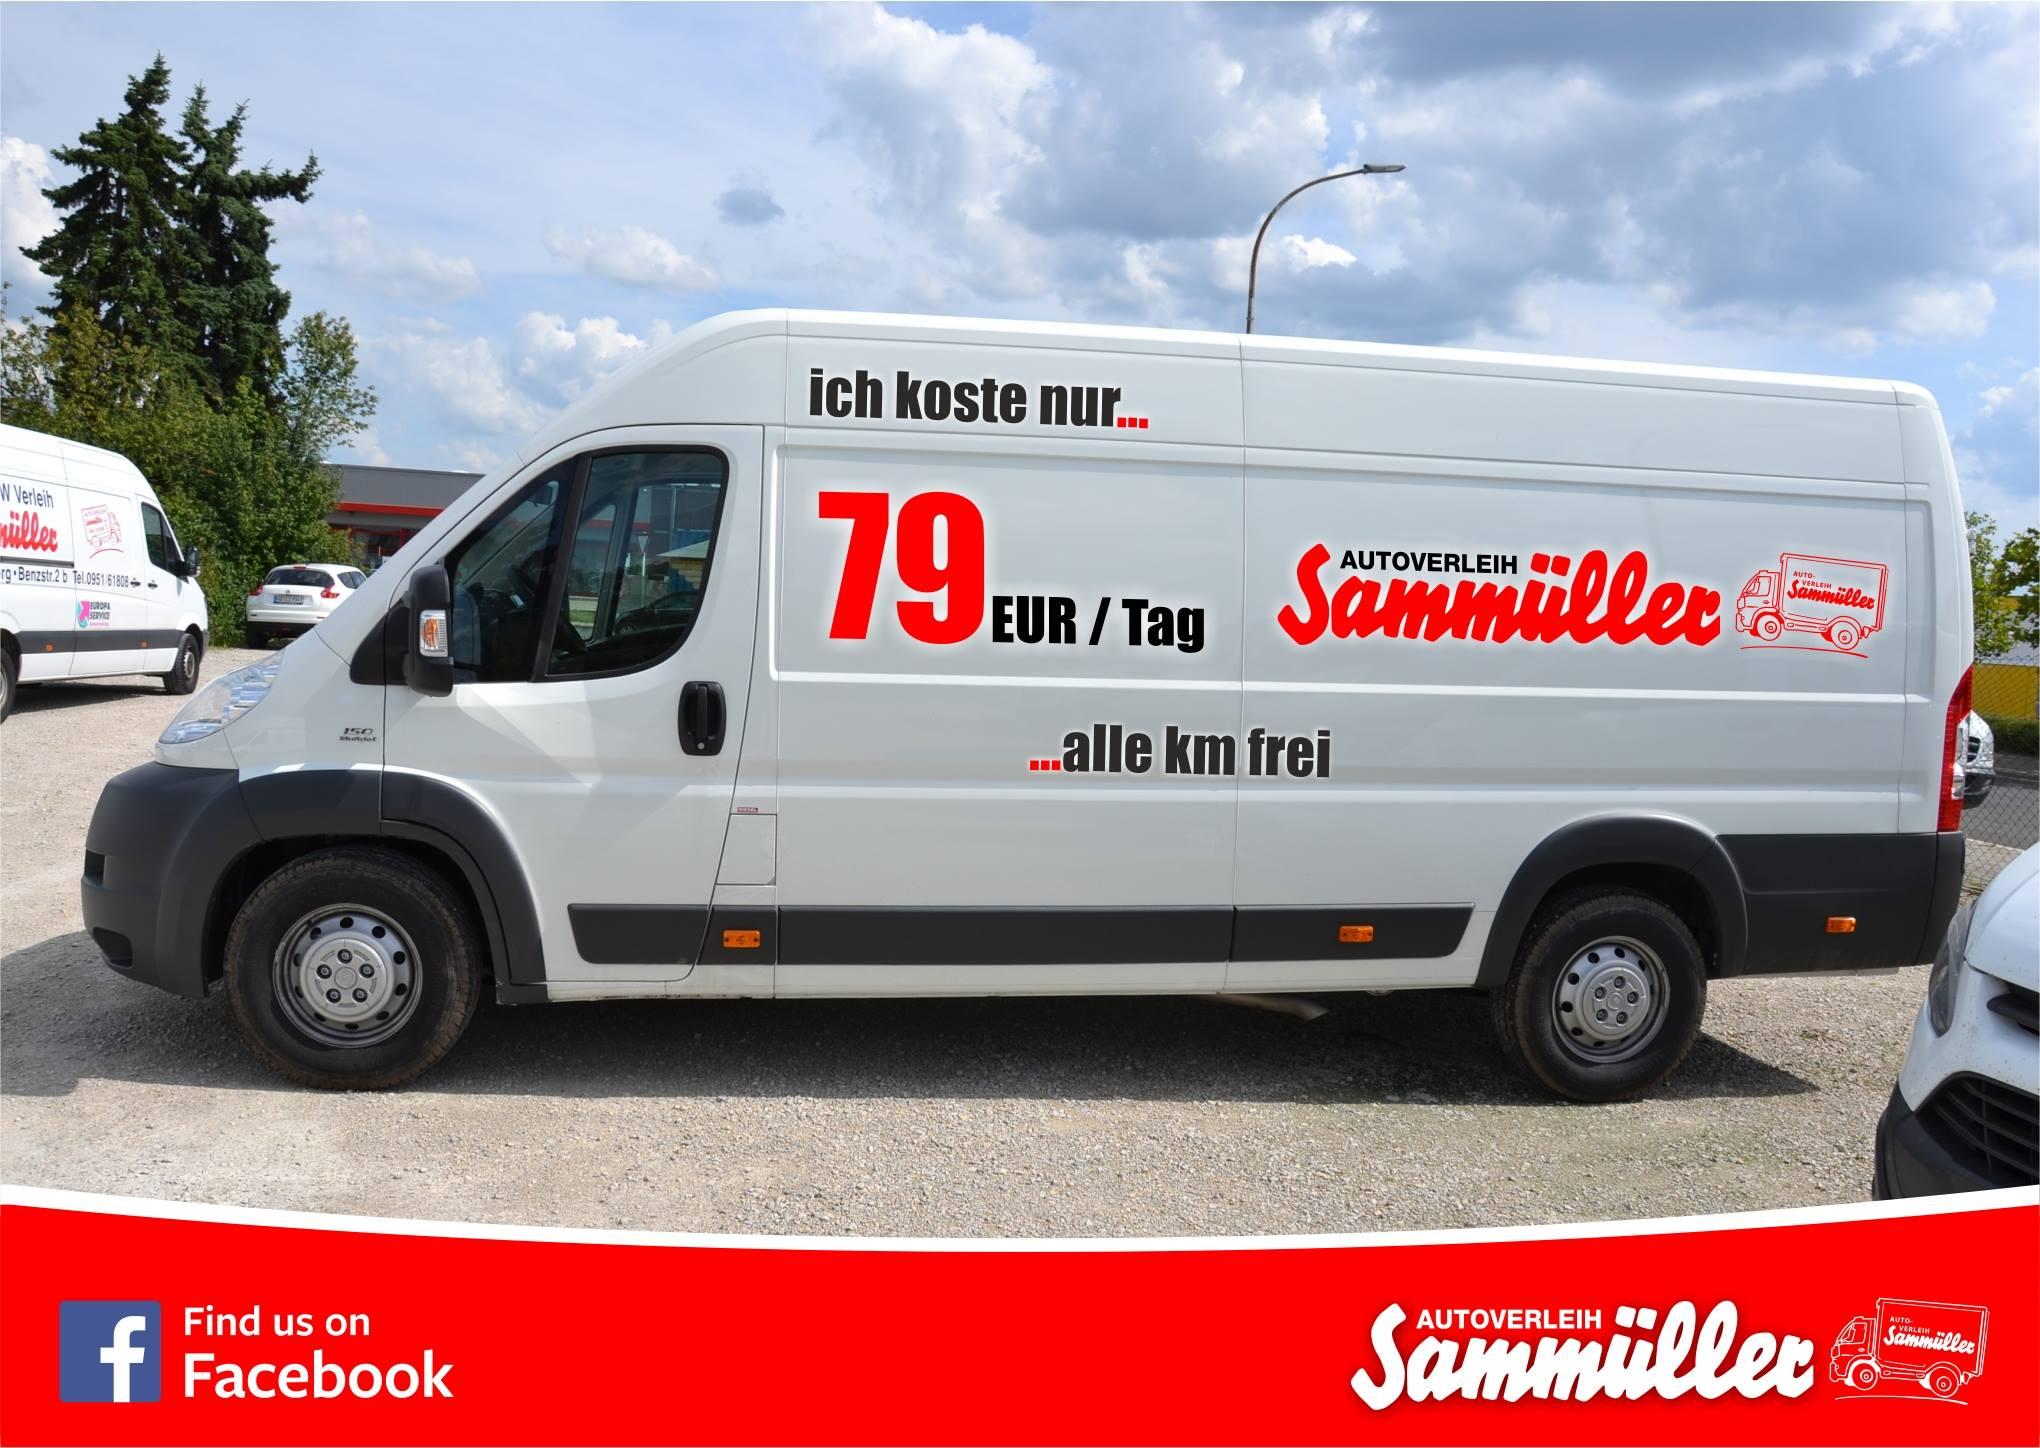 Hagebaumarkt Transporter Mieten Preis Zement